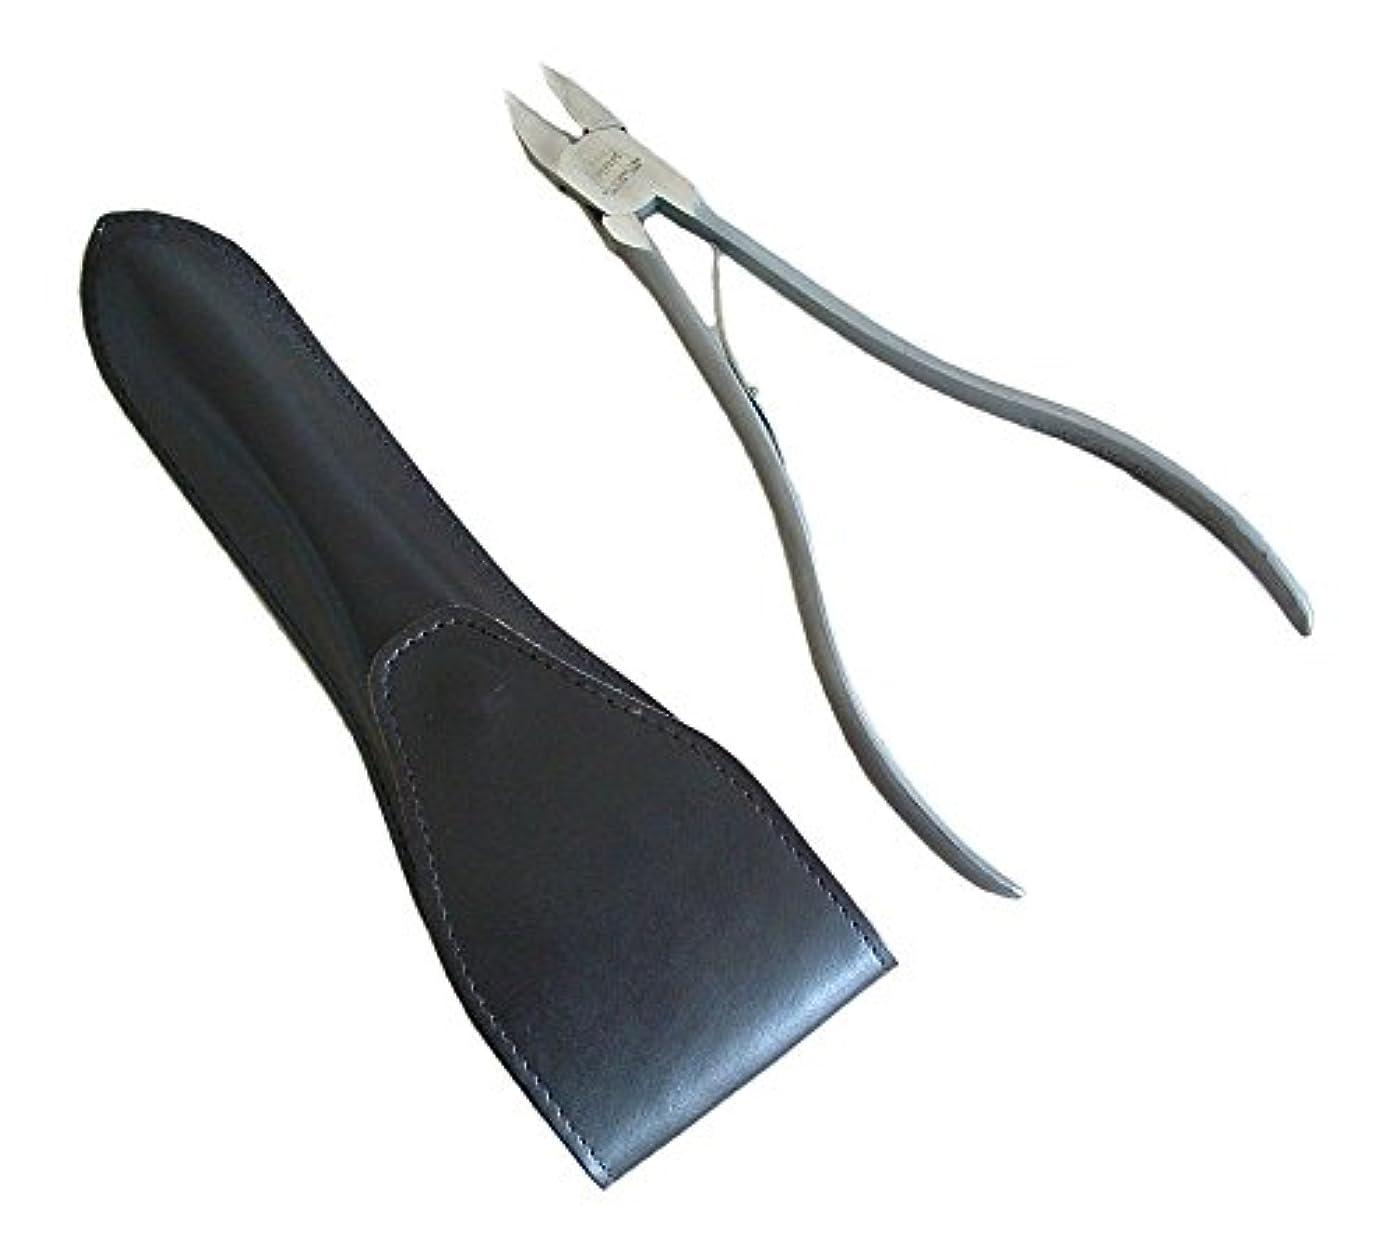 れる打倒見ましたタナカマイスター ロングニッパー型爪切り(レザーケース入り)